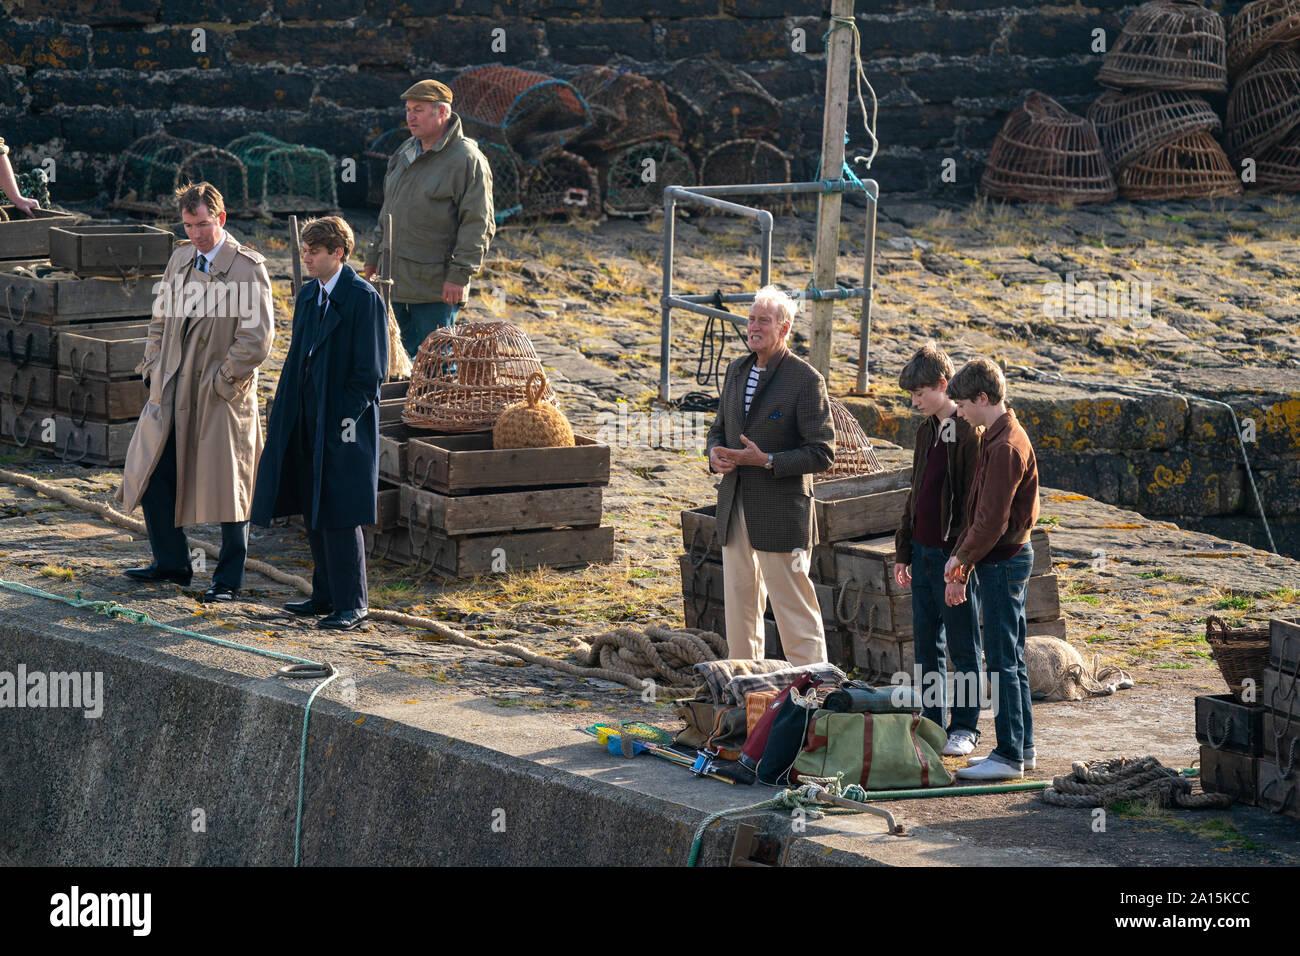 22. September 2019. Keiss Hafen, Highlands, Schottland, UK. Dies ist eine Szene aus der Verfilmung der Krone re der Lord Mountbatten Mord in Irland. Stockfoto